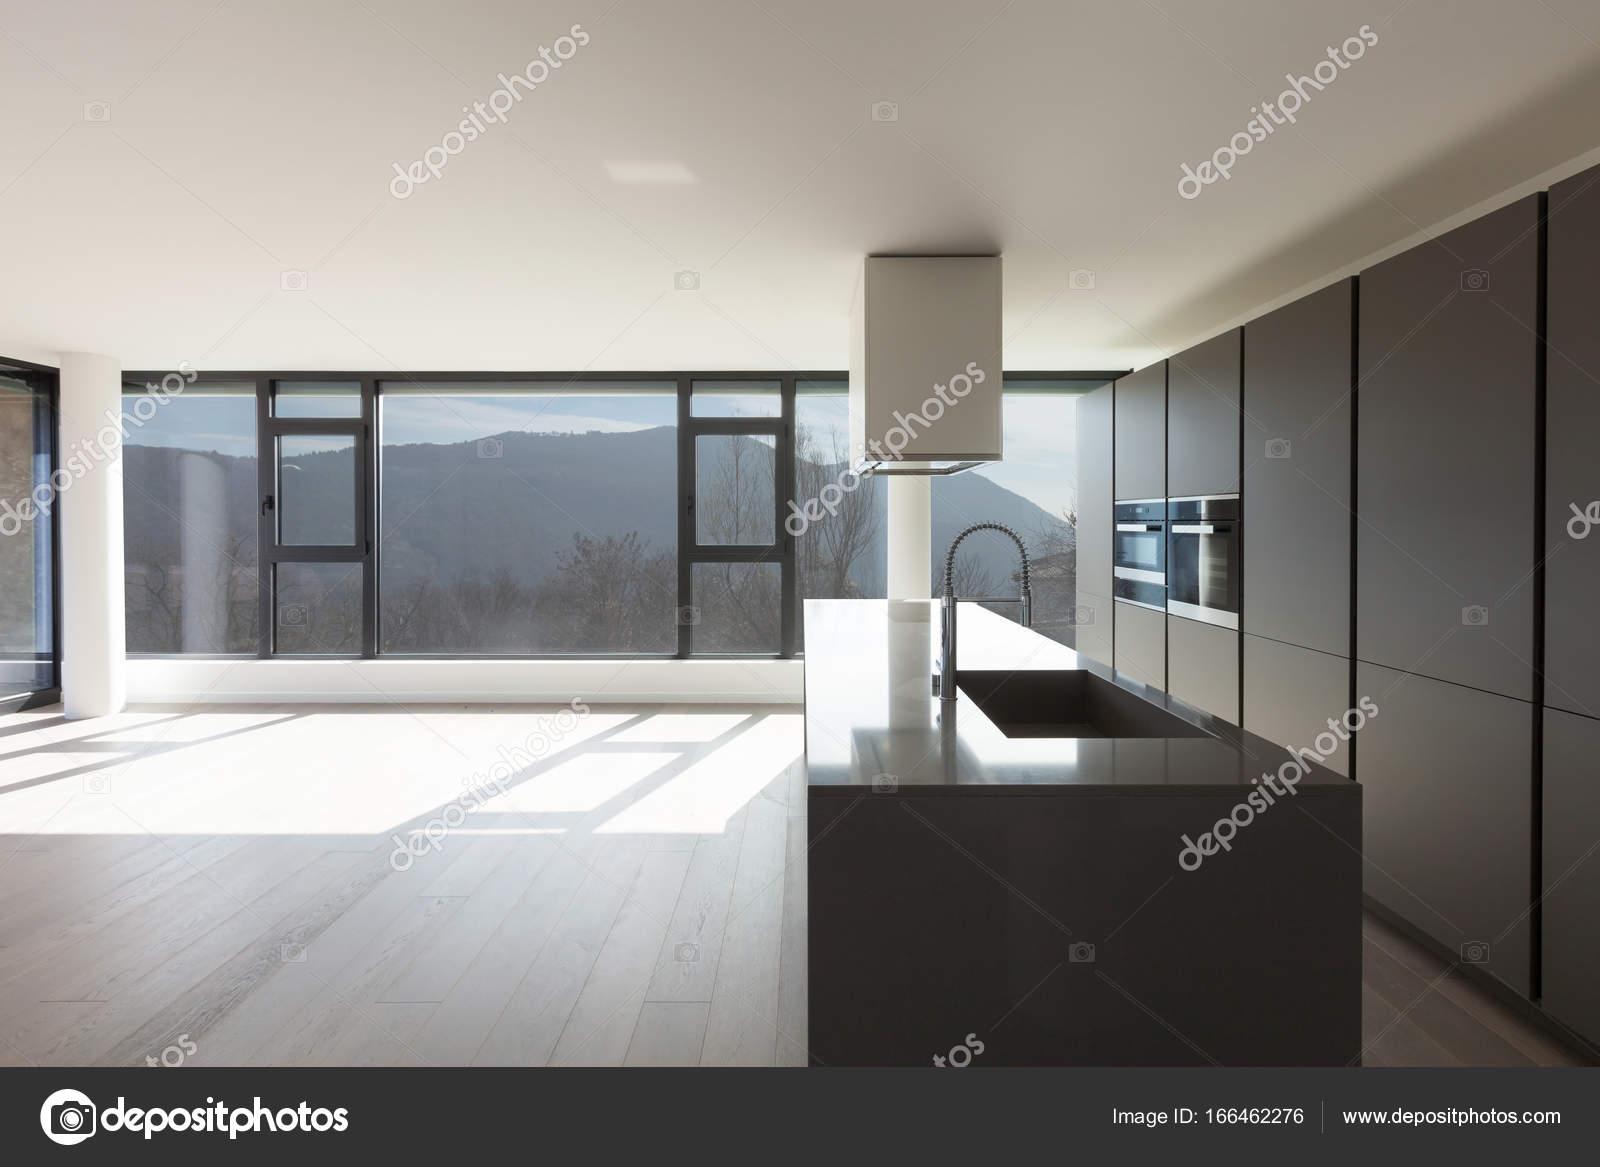 Cozinha Da Ilha Em Uma Ampla Sala Stock Photo Zveiger 166462276